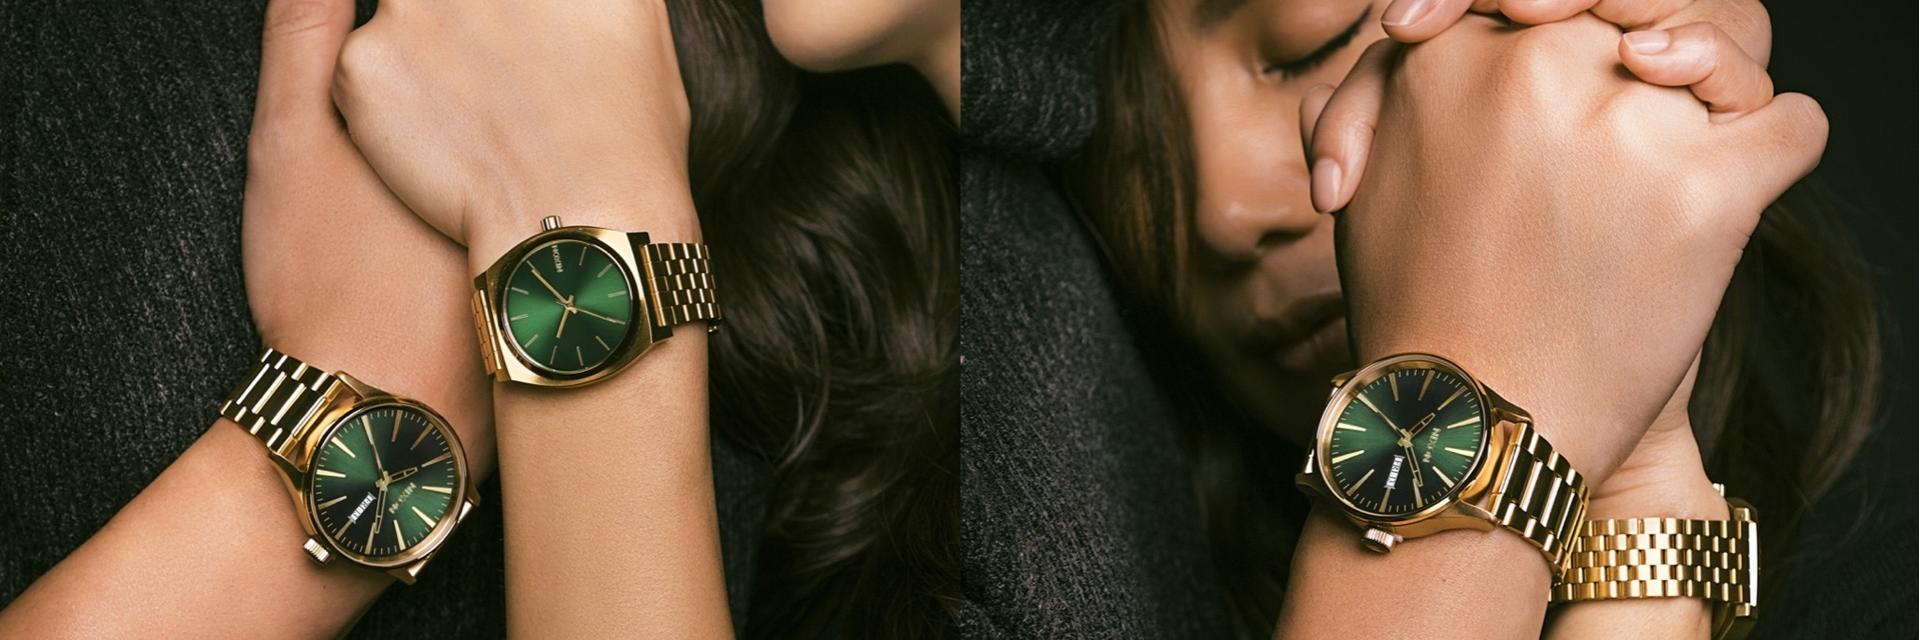 情人節要到了!教你用情侶對錶拍出超甜蜜放閃照!網友:「我要被閃瞎了!」